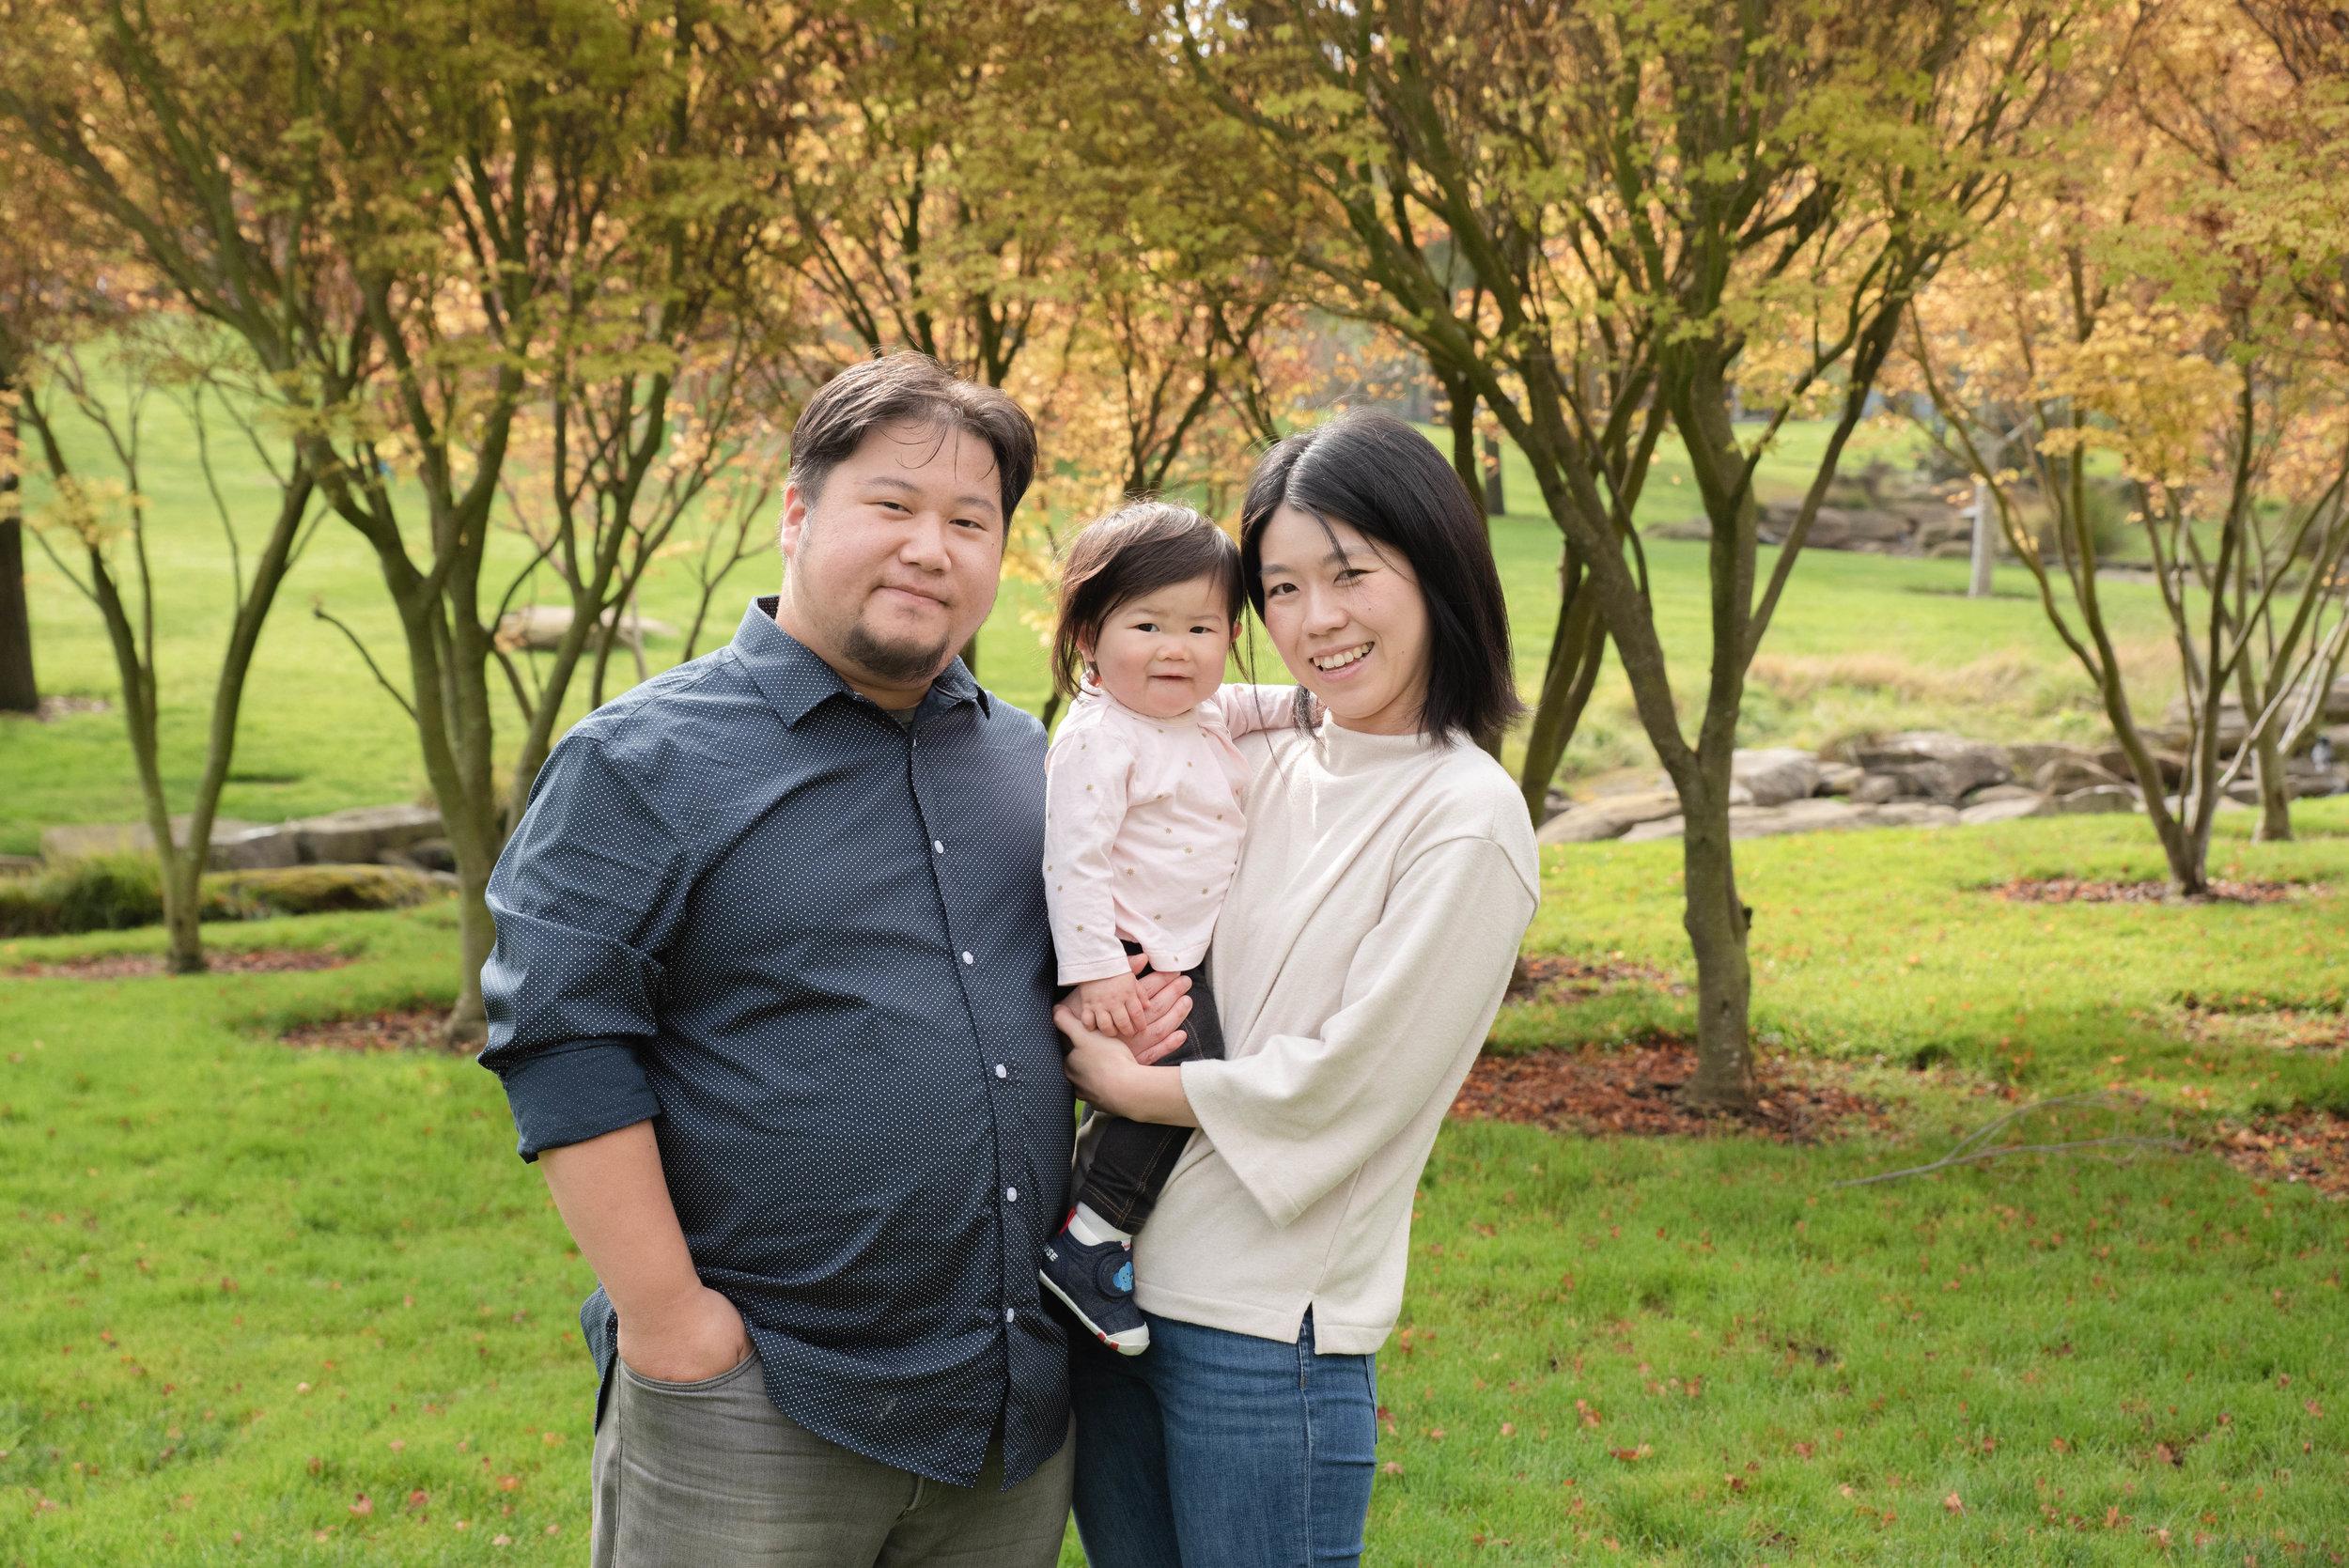 Yuki & Family 2018-30-2.jpg